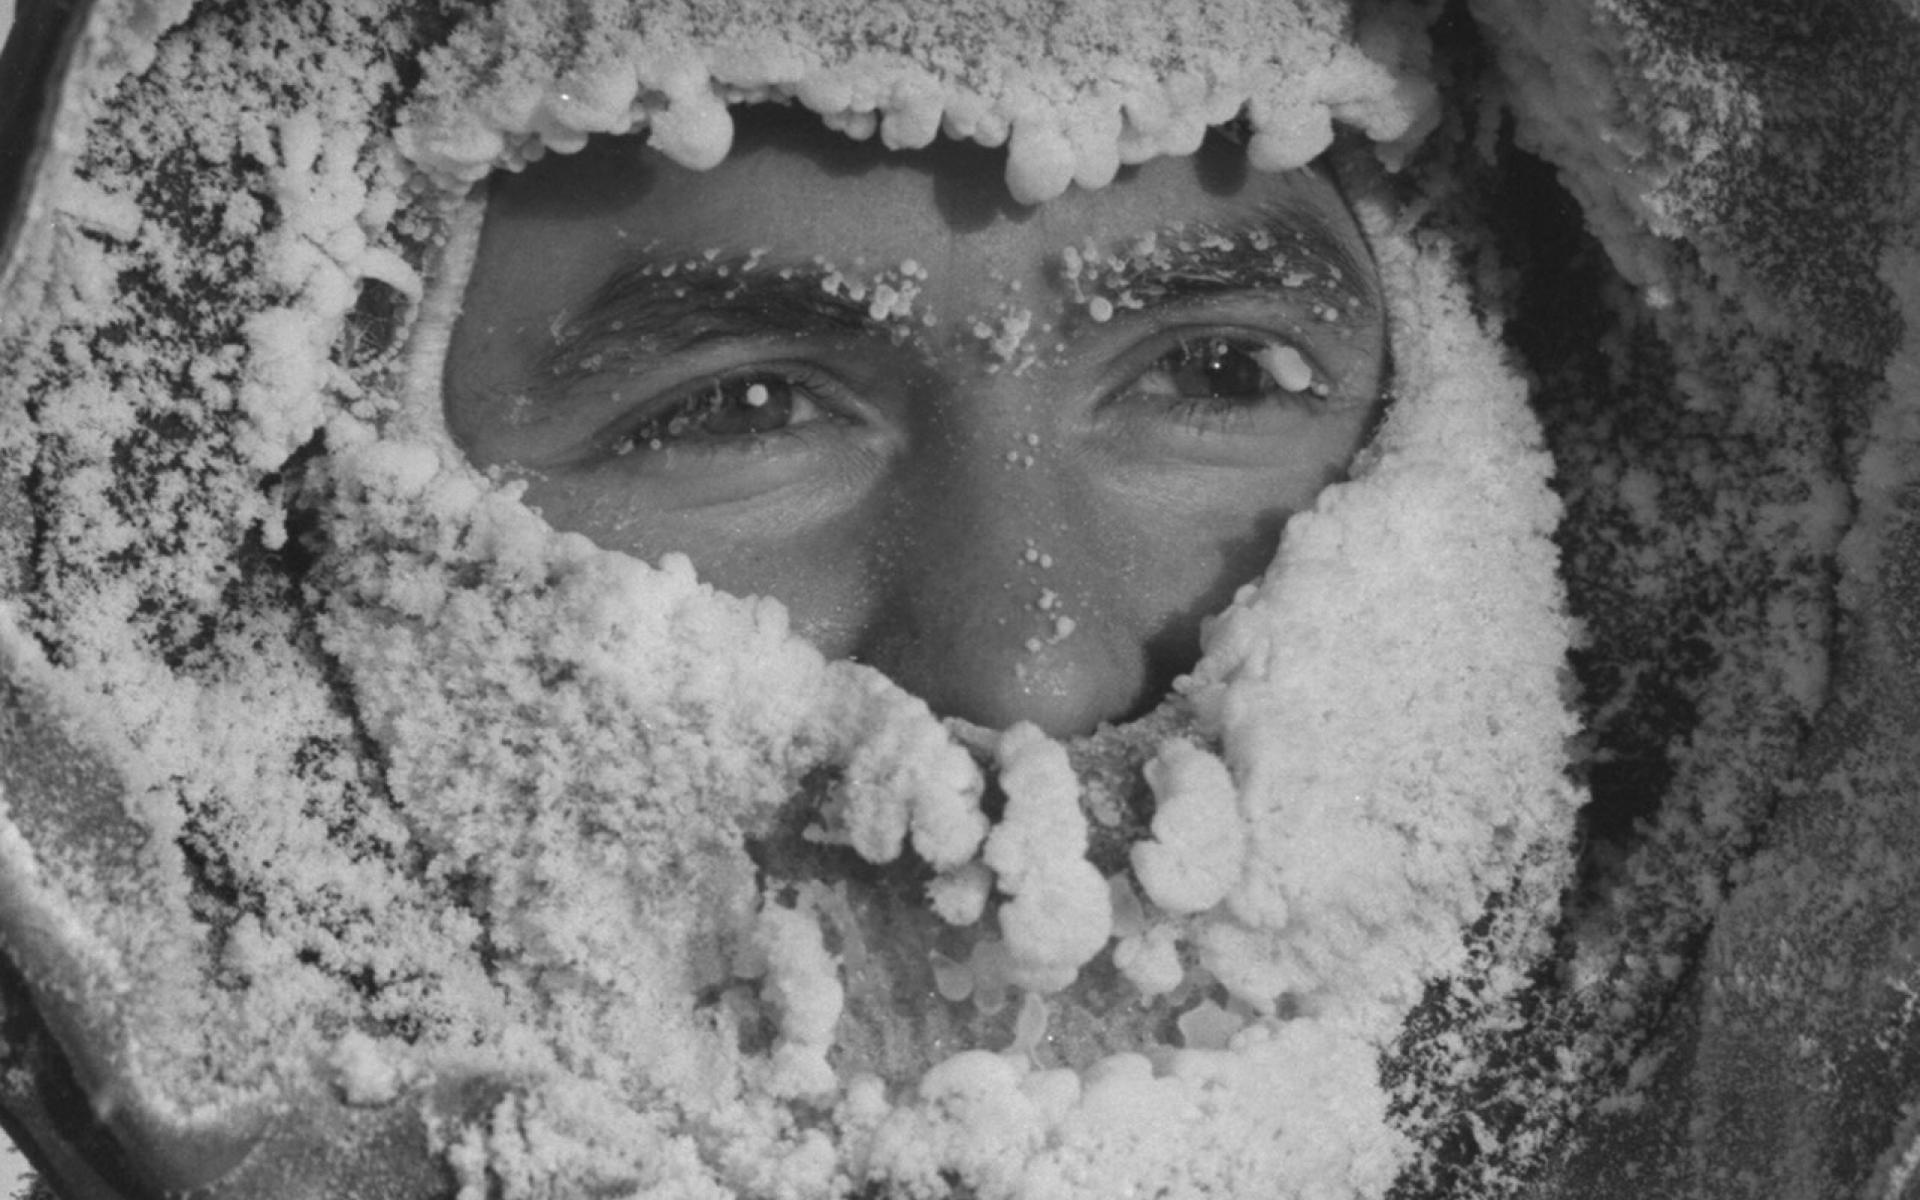 L'hydrographe Ralph Courtnage, capuchon de parka et cagoule gelés par la respiration, travaille sur la glace de mer.